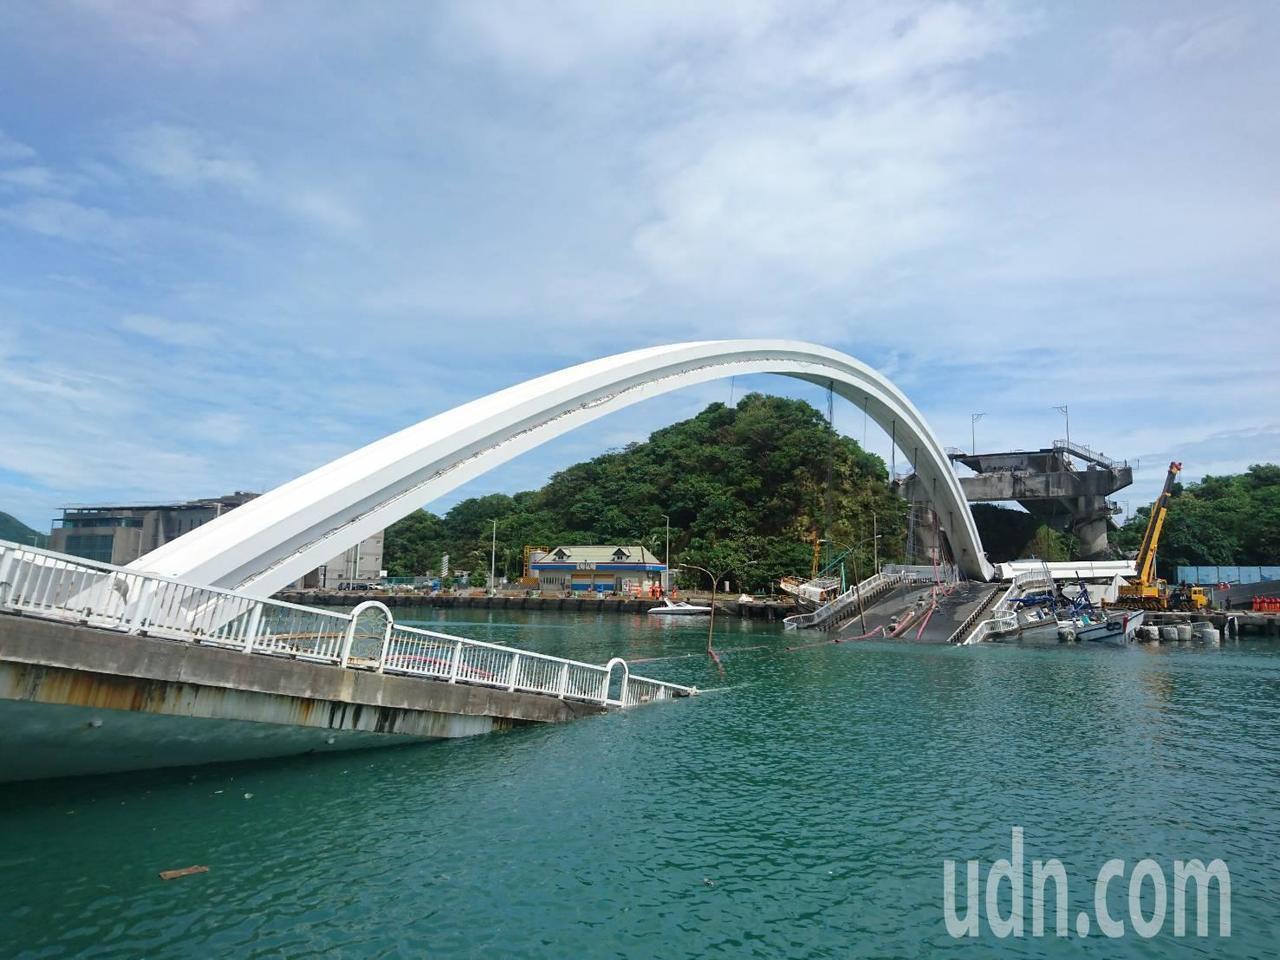 宜蘭縣南方澳跨港大橋今天發生坍塌意外,多人受傷送醫,港公司表示已編了預算,有年要...